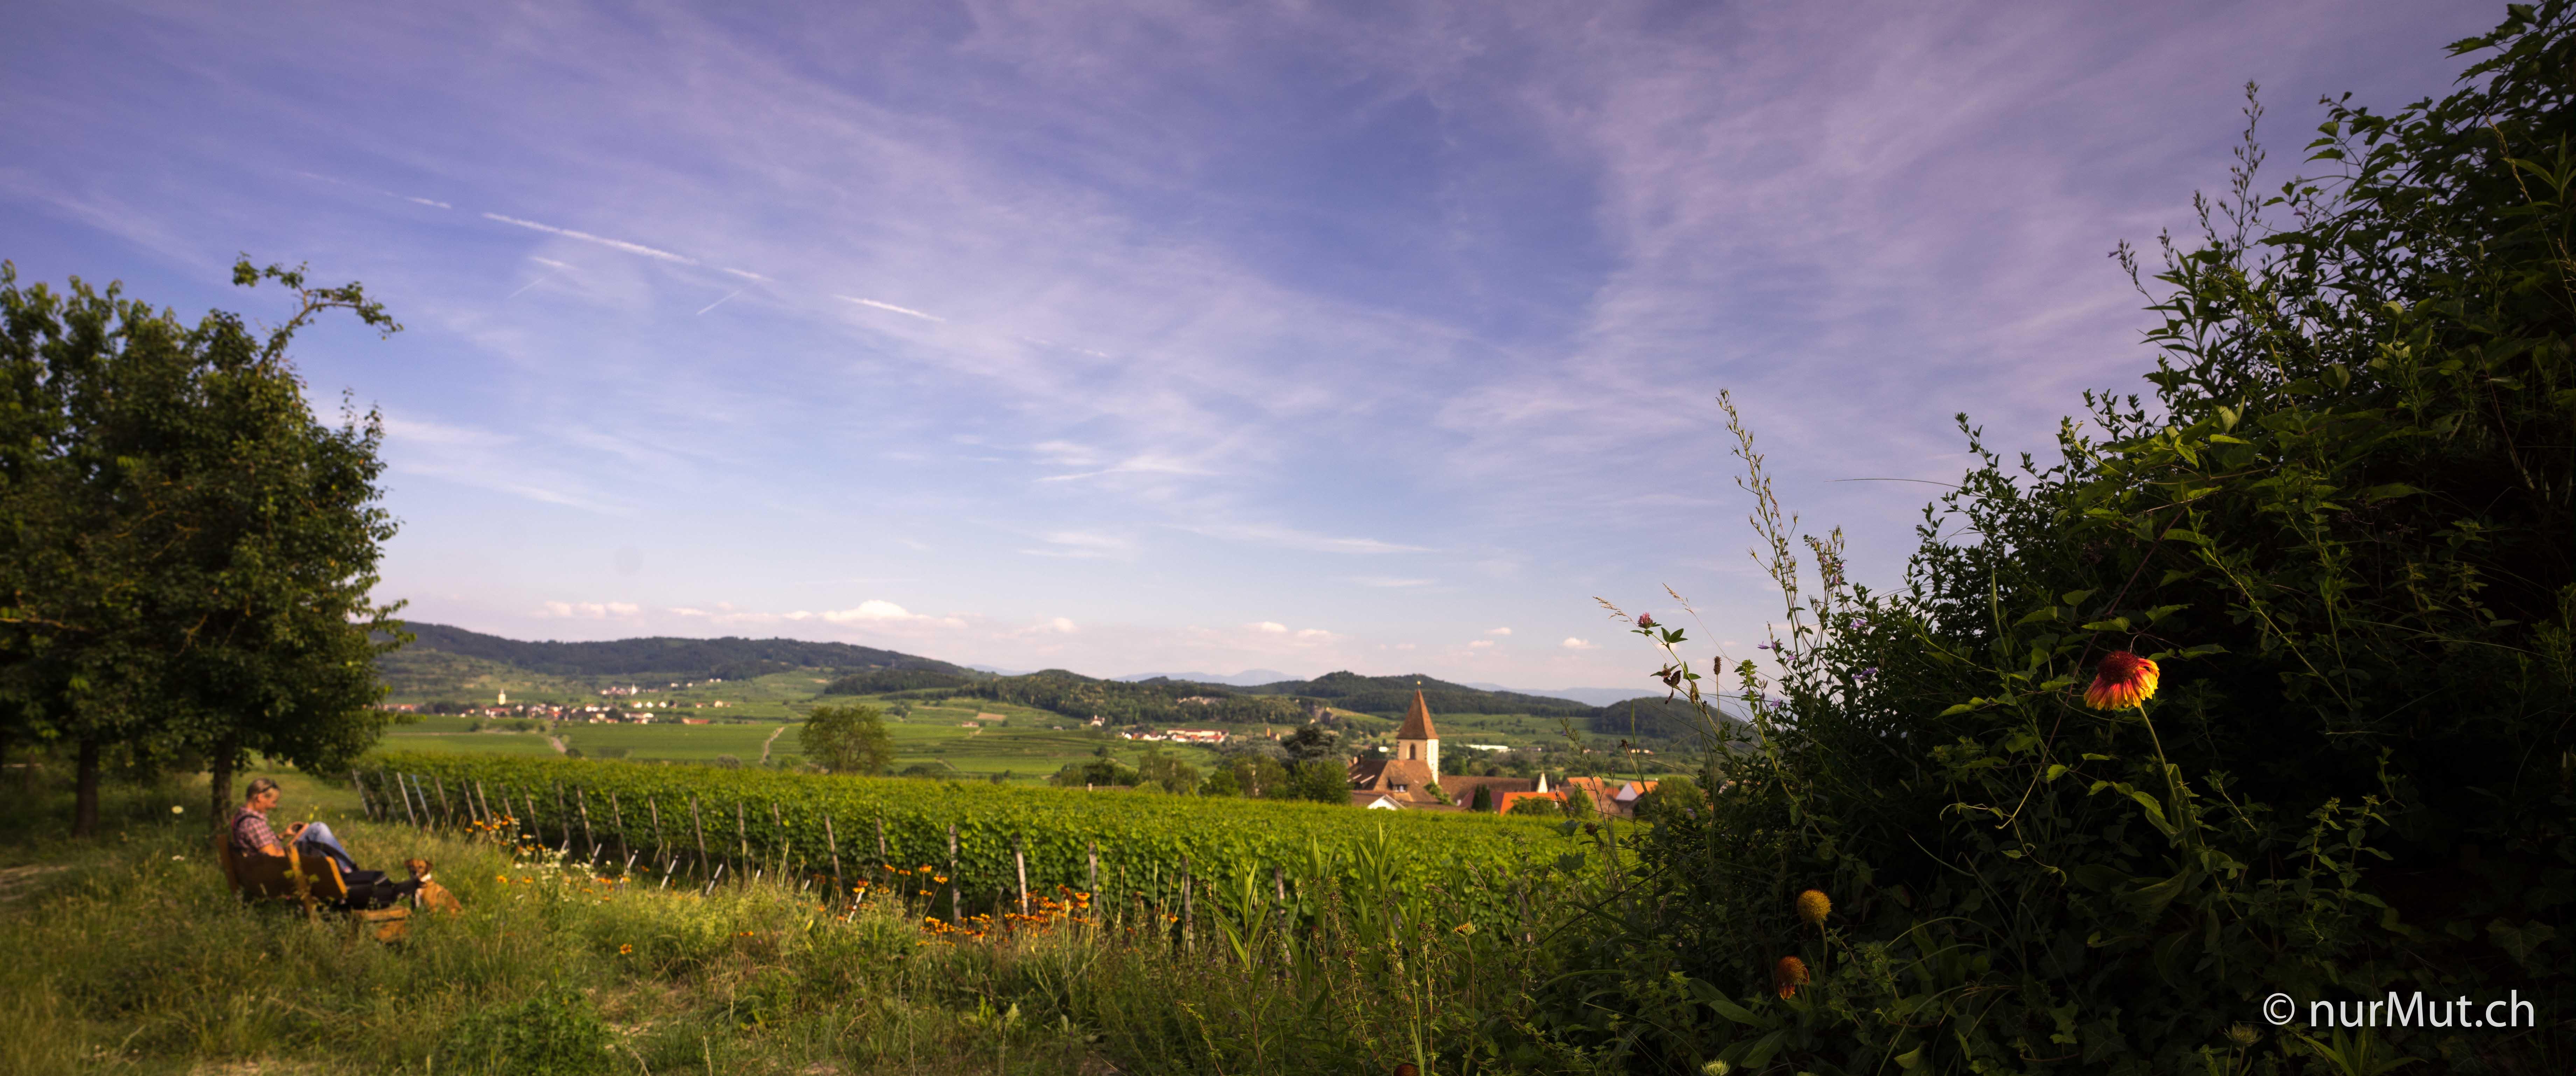 burkheim-kaiserstuhl-schildkroete